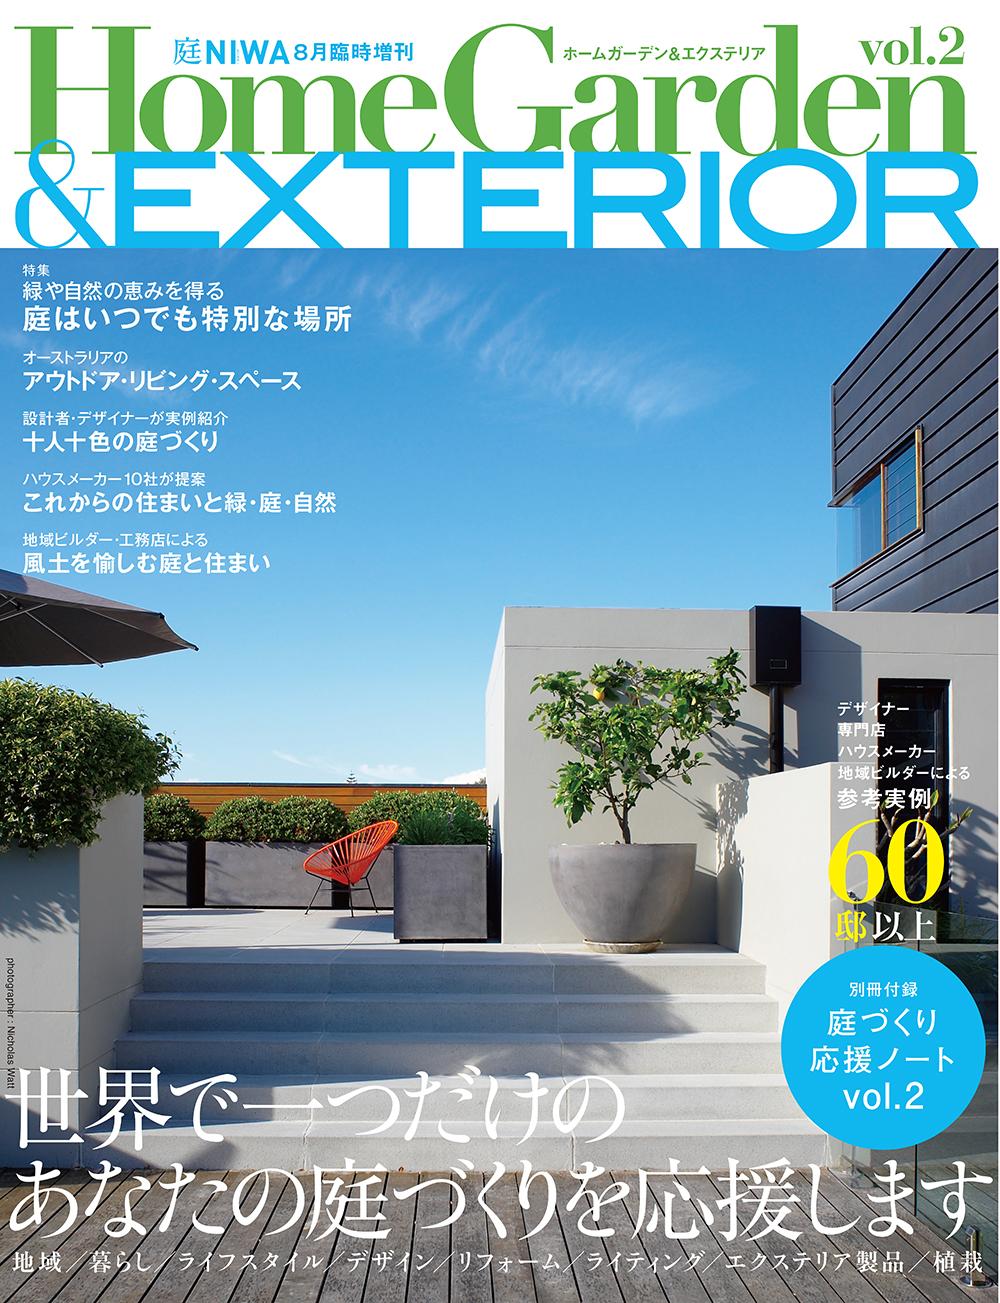 庭臨時増刊8月 HomeGarden&EXTERIOR vol.2が、金曜日全国書店にて発売です。